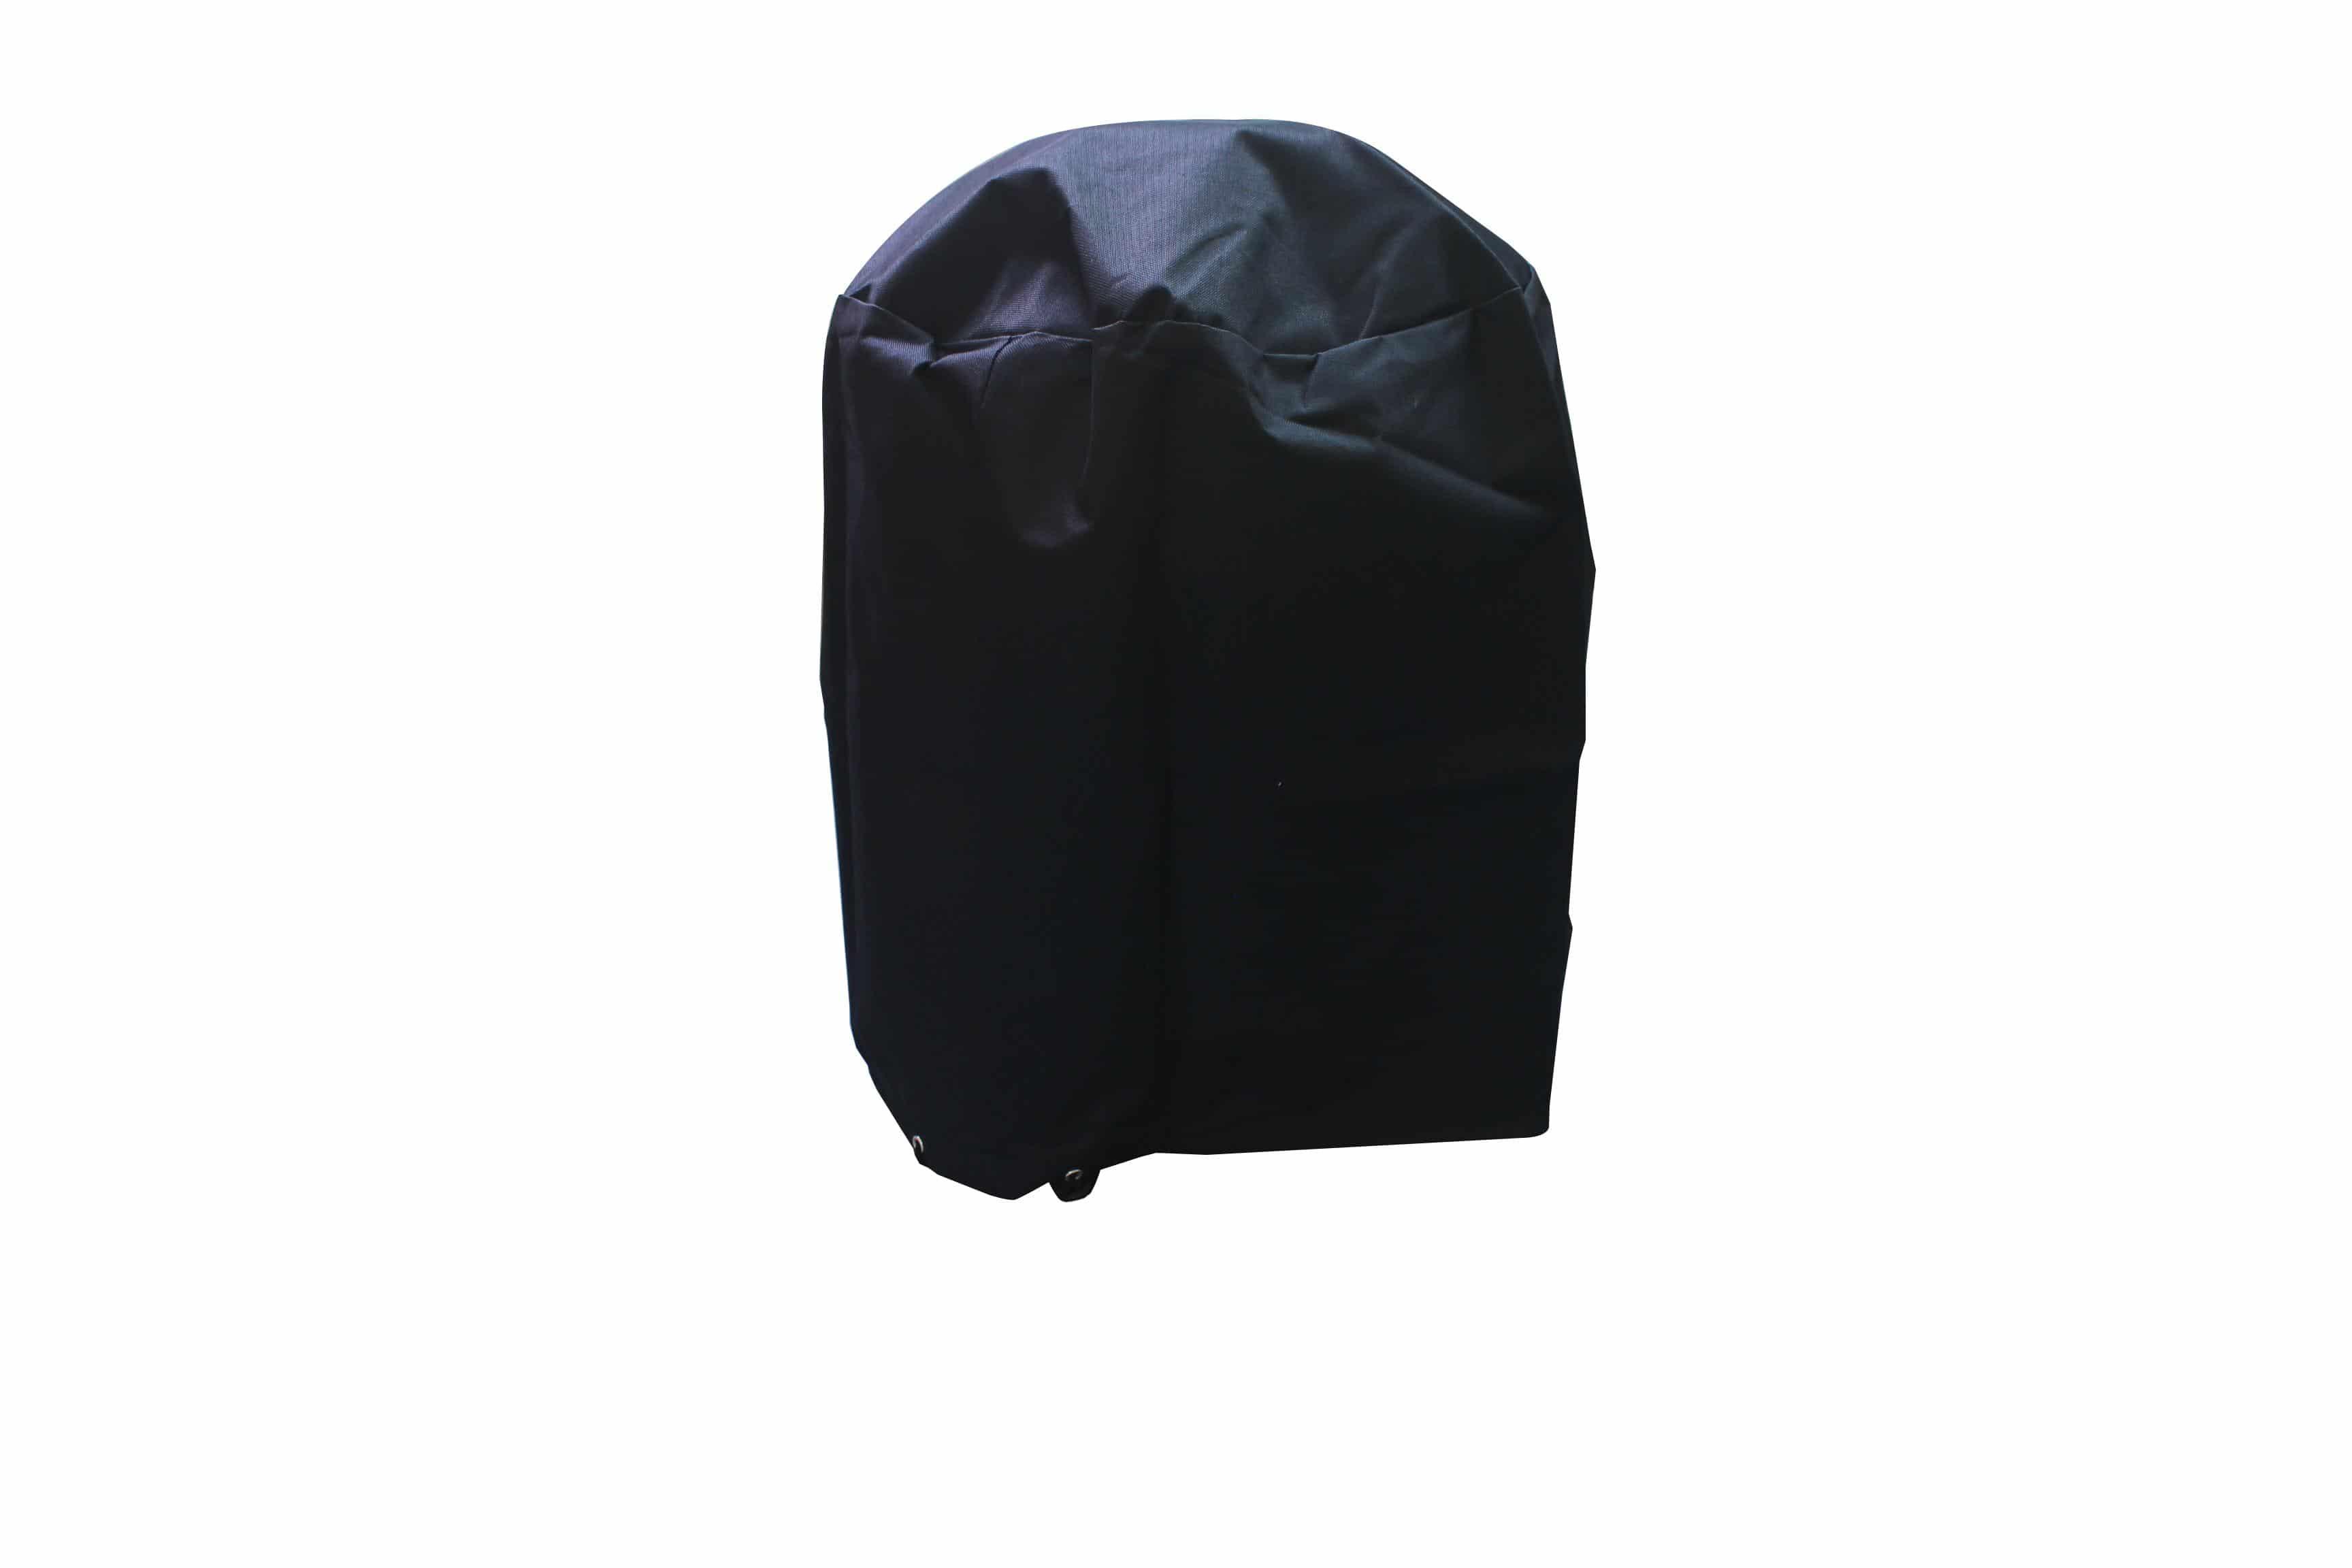 4cookz® Universele Kamado bescherm 13/14 inch BBQ hoes - Zwart